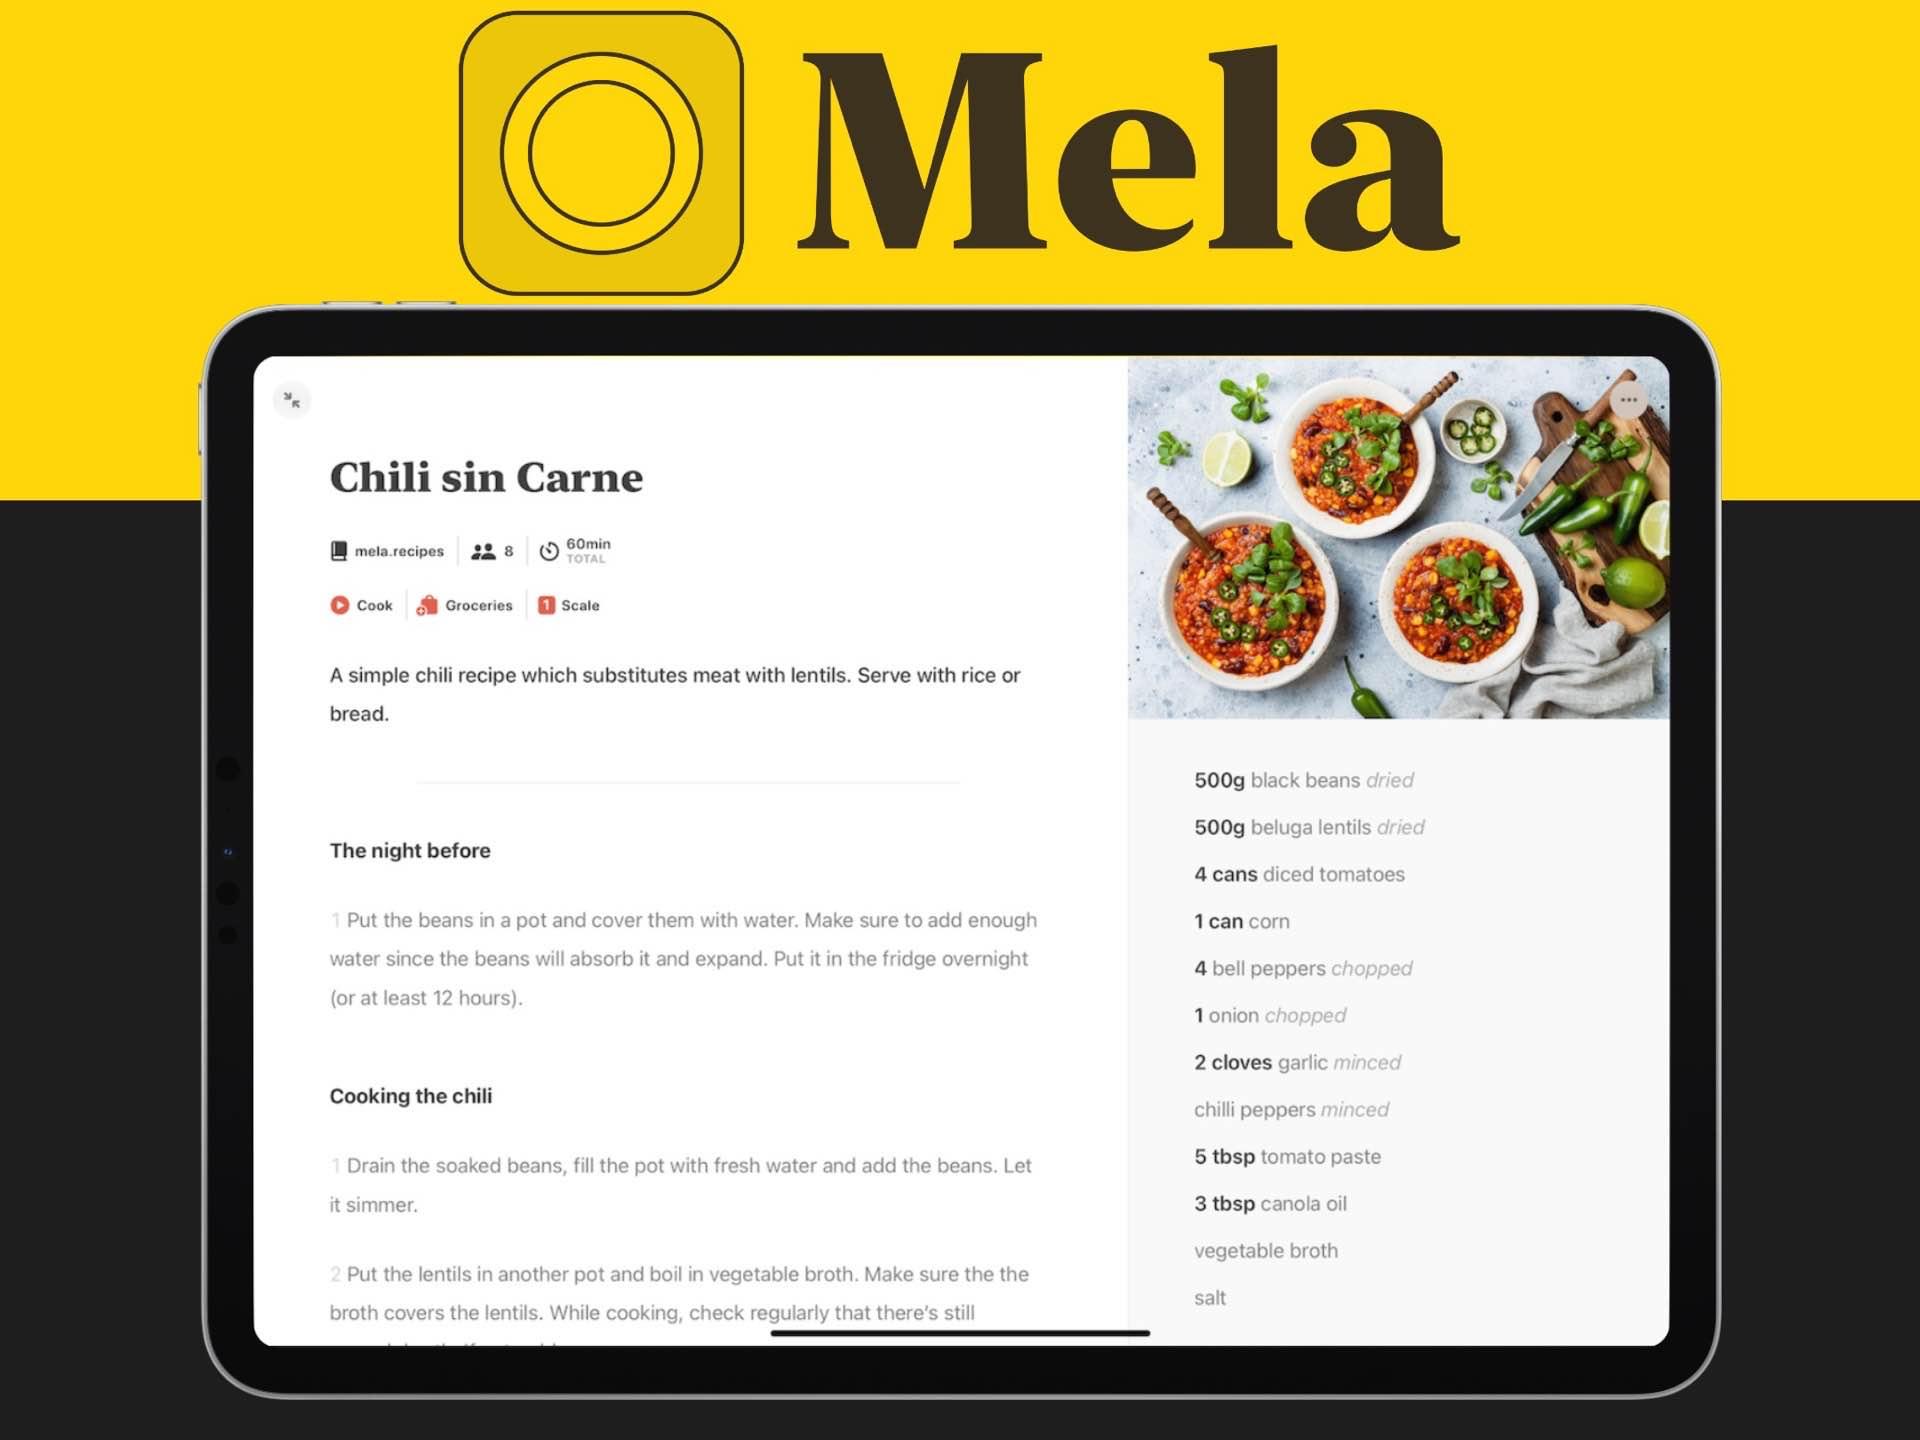 mela-recipe-app-silvio-rizzi